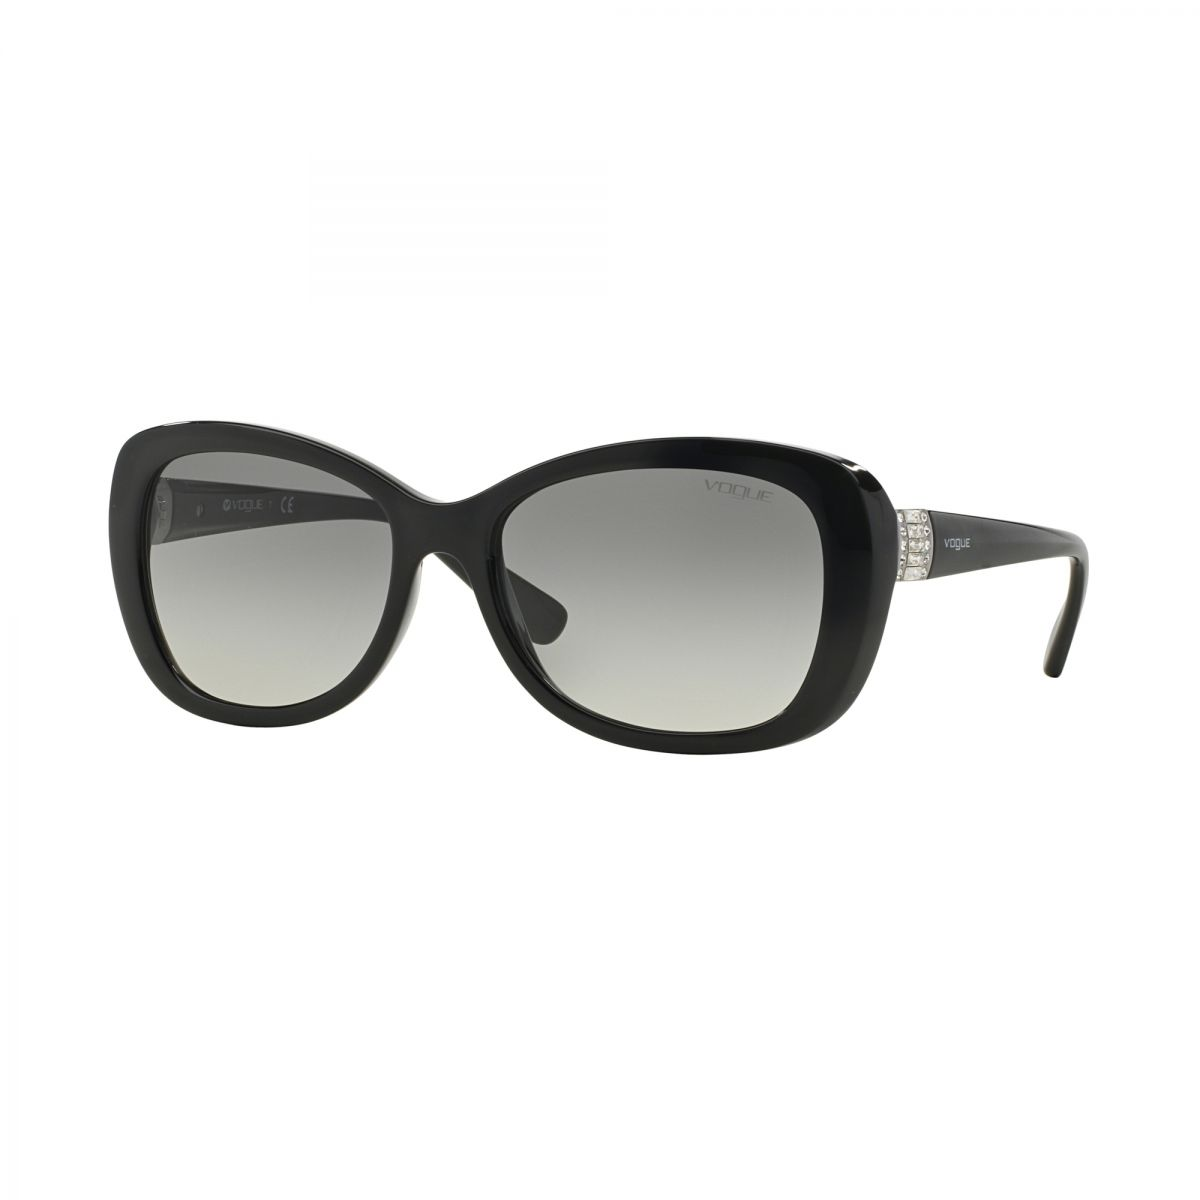 Vogue Sonnenbrille (VO2943SB W44/11 55) iGY2c0m